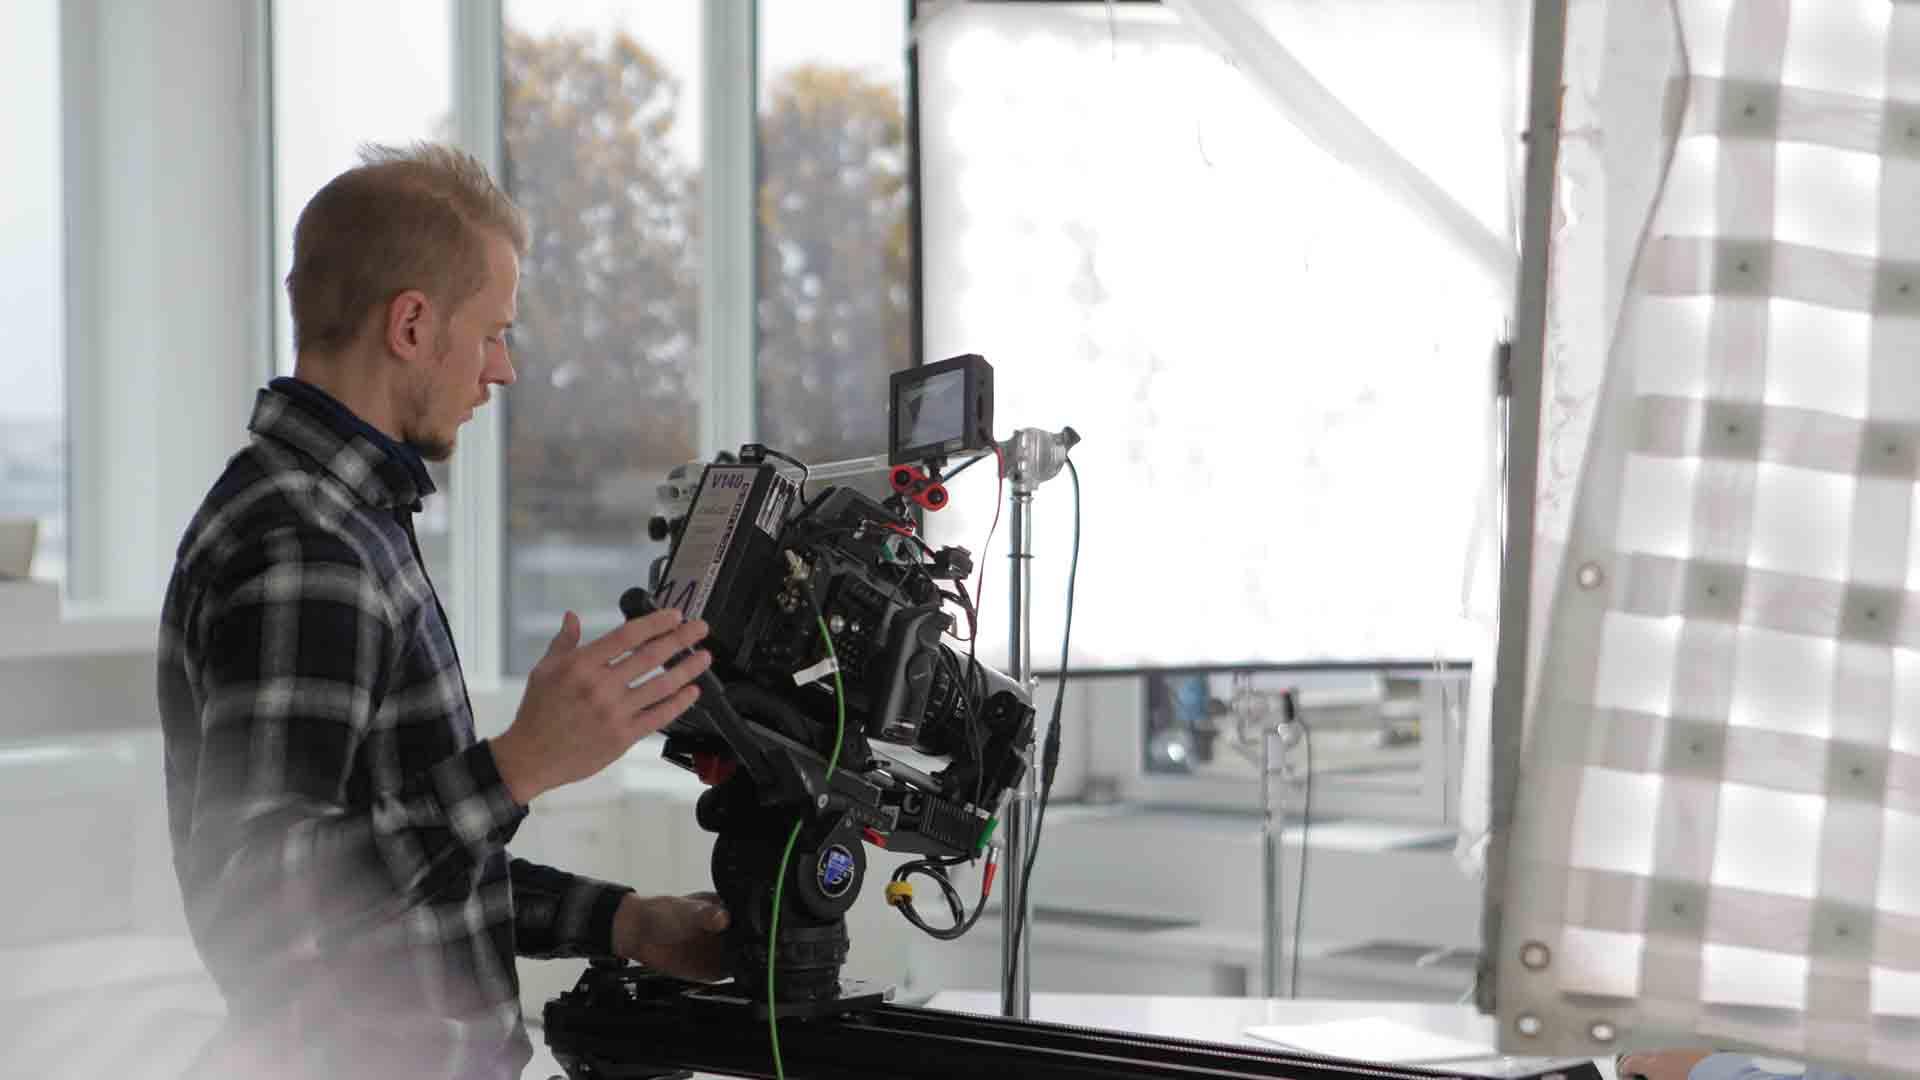 Das Bild zeigt einen Mann der vor einer Kamera steht. Er hält diese in seinen Händen und führt sie. Vor ihm ist ein Lichtnetz zu sehen. Das Bild dient als Sliderbild für den Portfolioeintrag 3Dconnexion SpaceMouse von Panda Pictures.